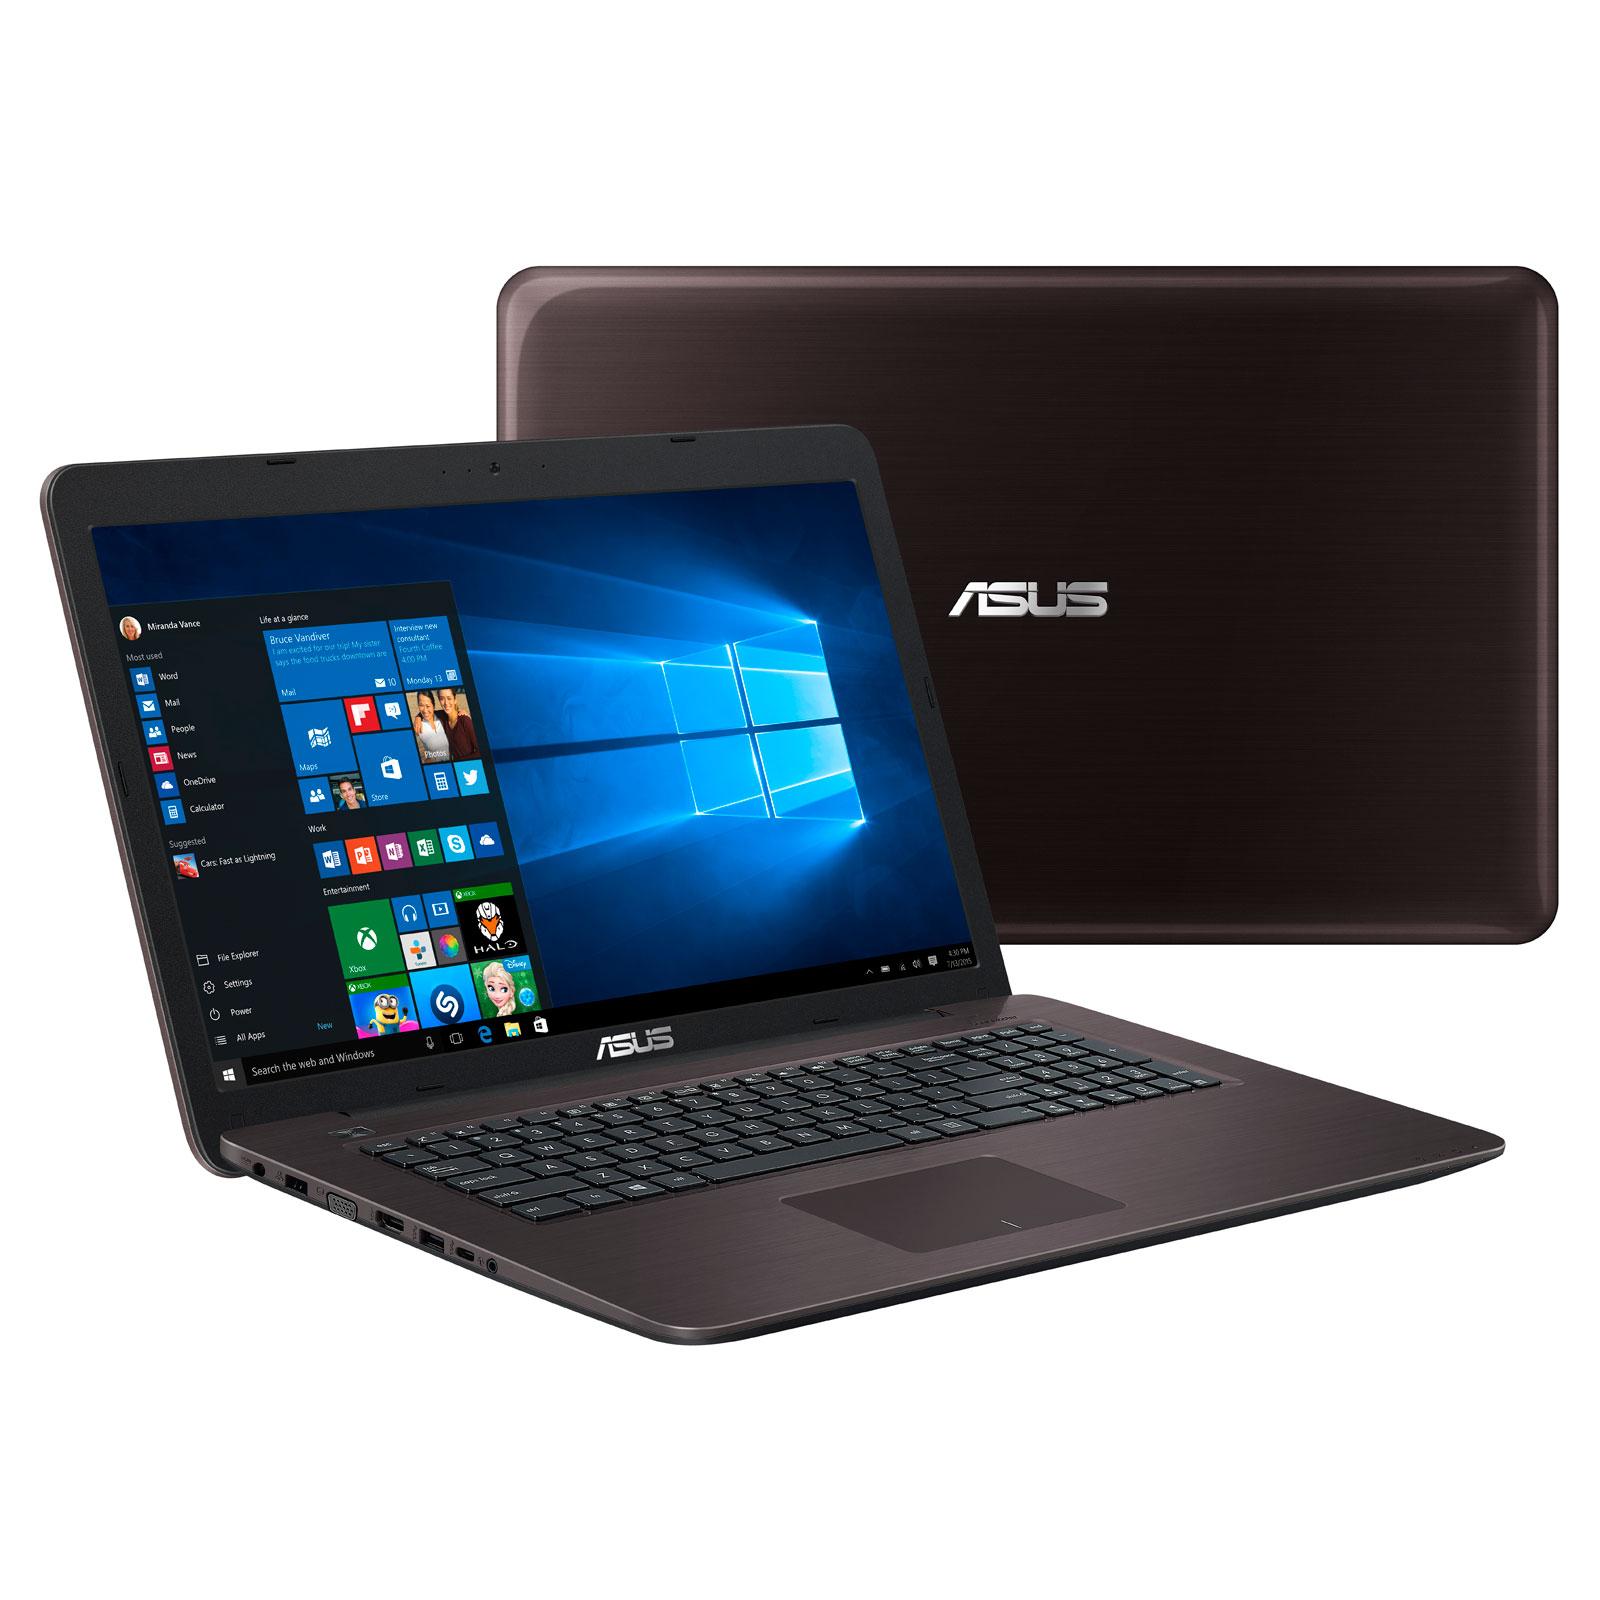 """PC portable ASUS X756UA-TY289T Intel Core i5-7200U 4 Go 1 To 17.3"""" LED HD+ Graveur DVD Wi-Fi AC/Bluetooth Webcam Windows 10 Famille 64 bits (Garantie constructeur 2 ans)"""